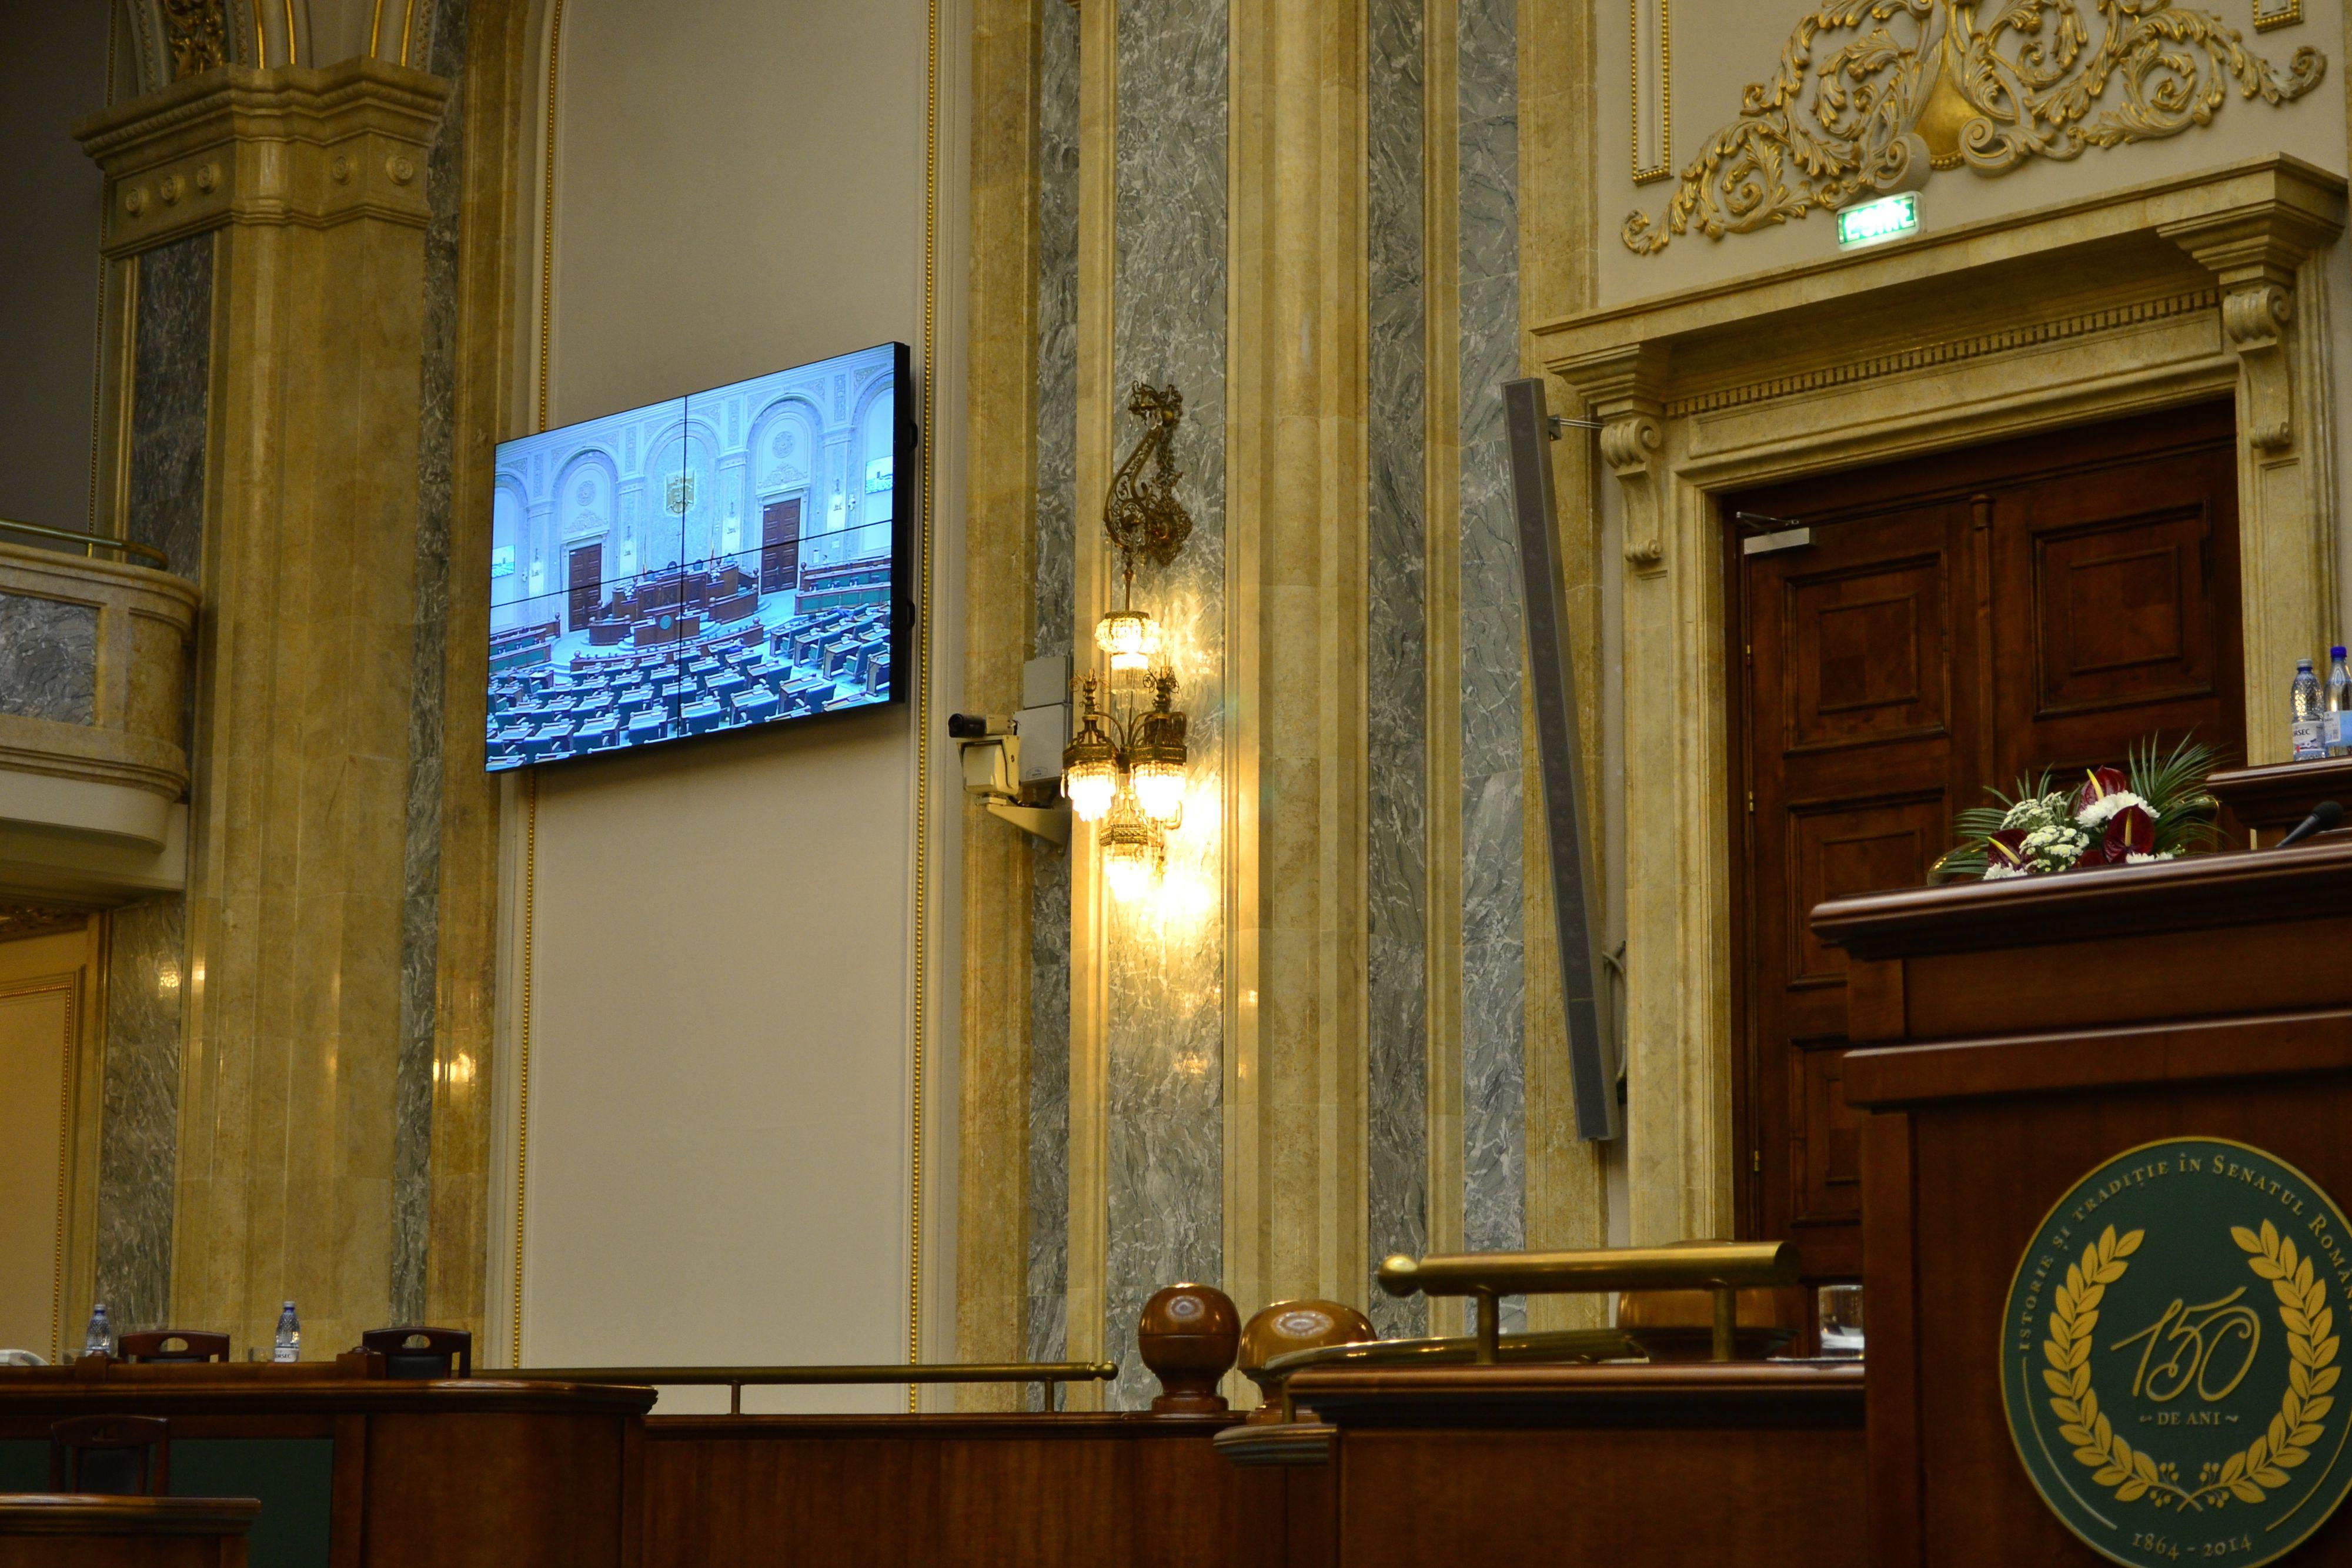 Proiecte Aniva – Senatul României – sistem integrat de înregistrare și transmitere video a ședințelor